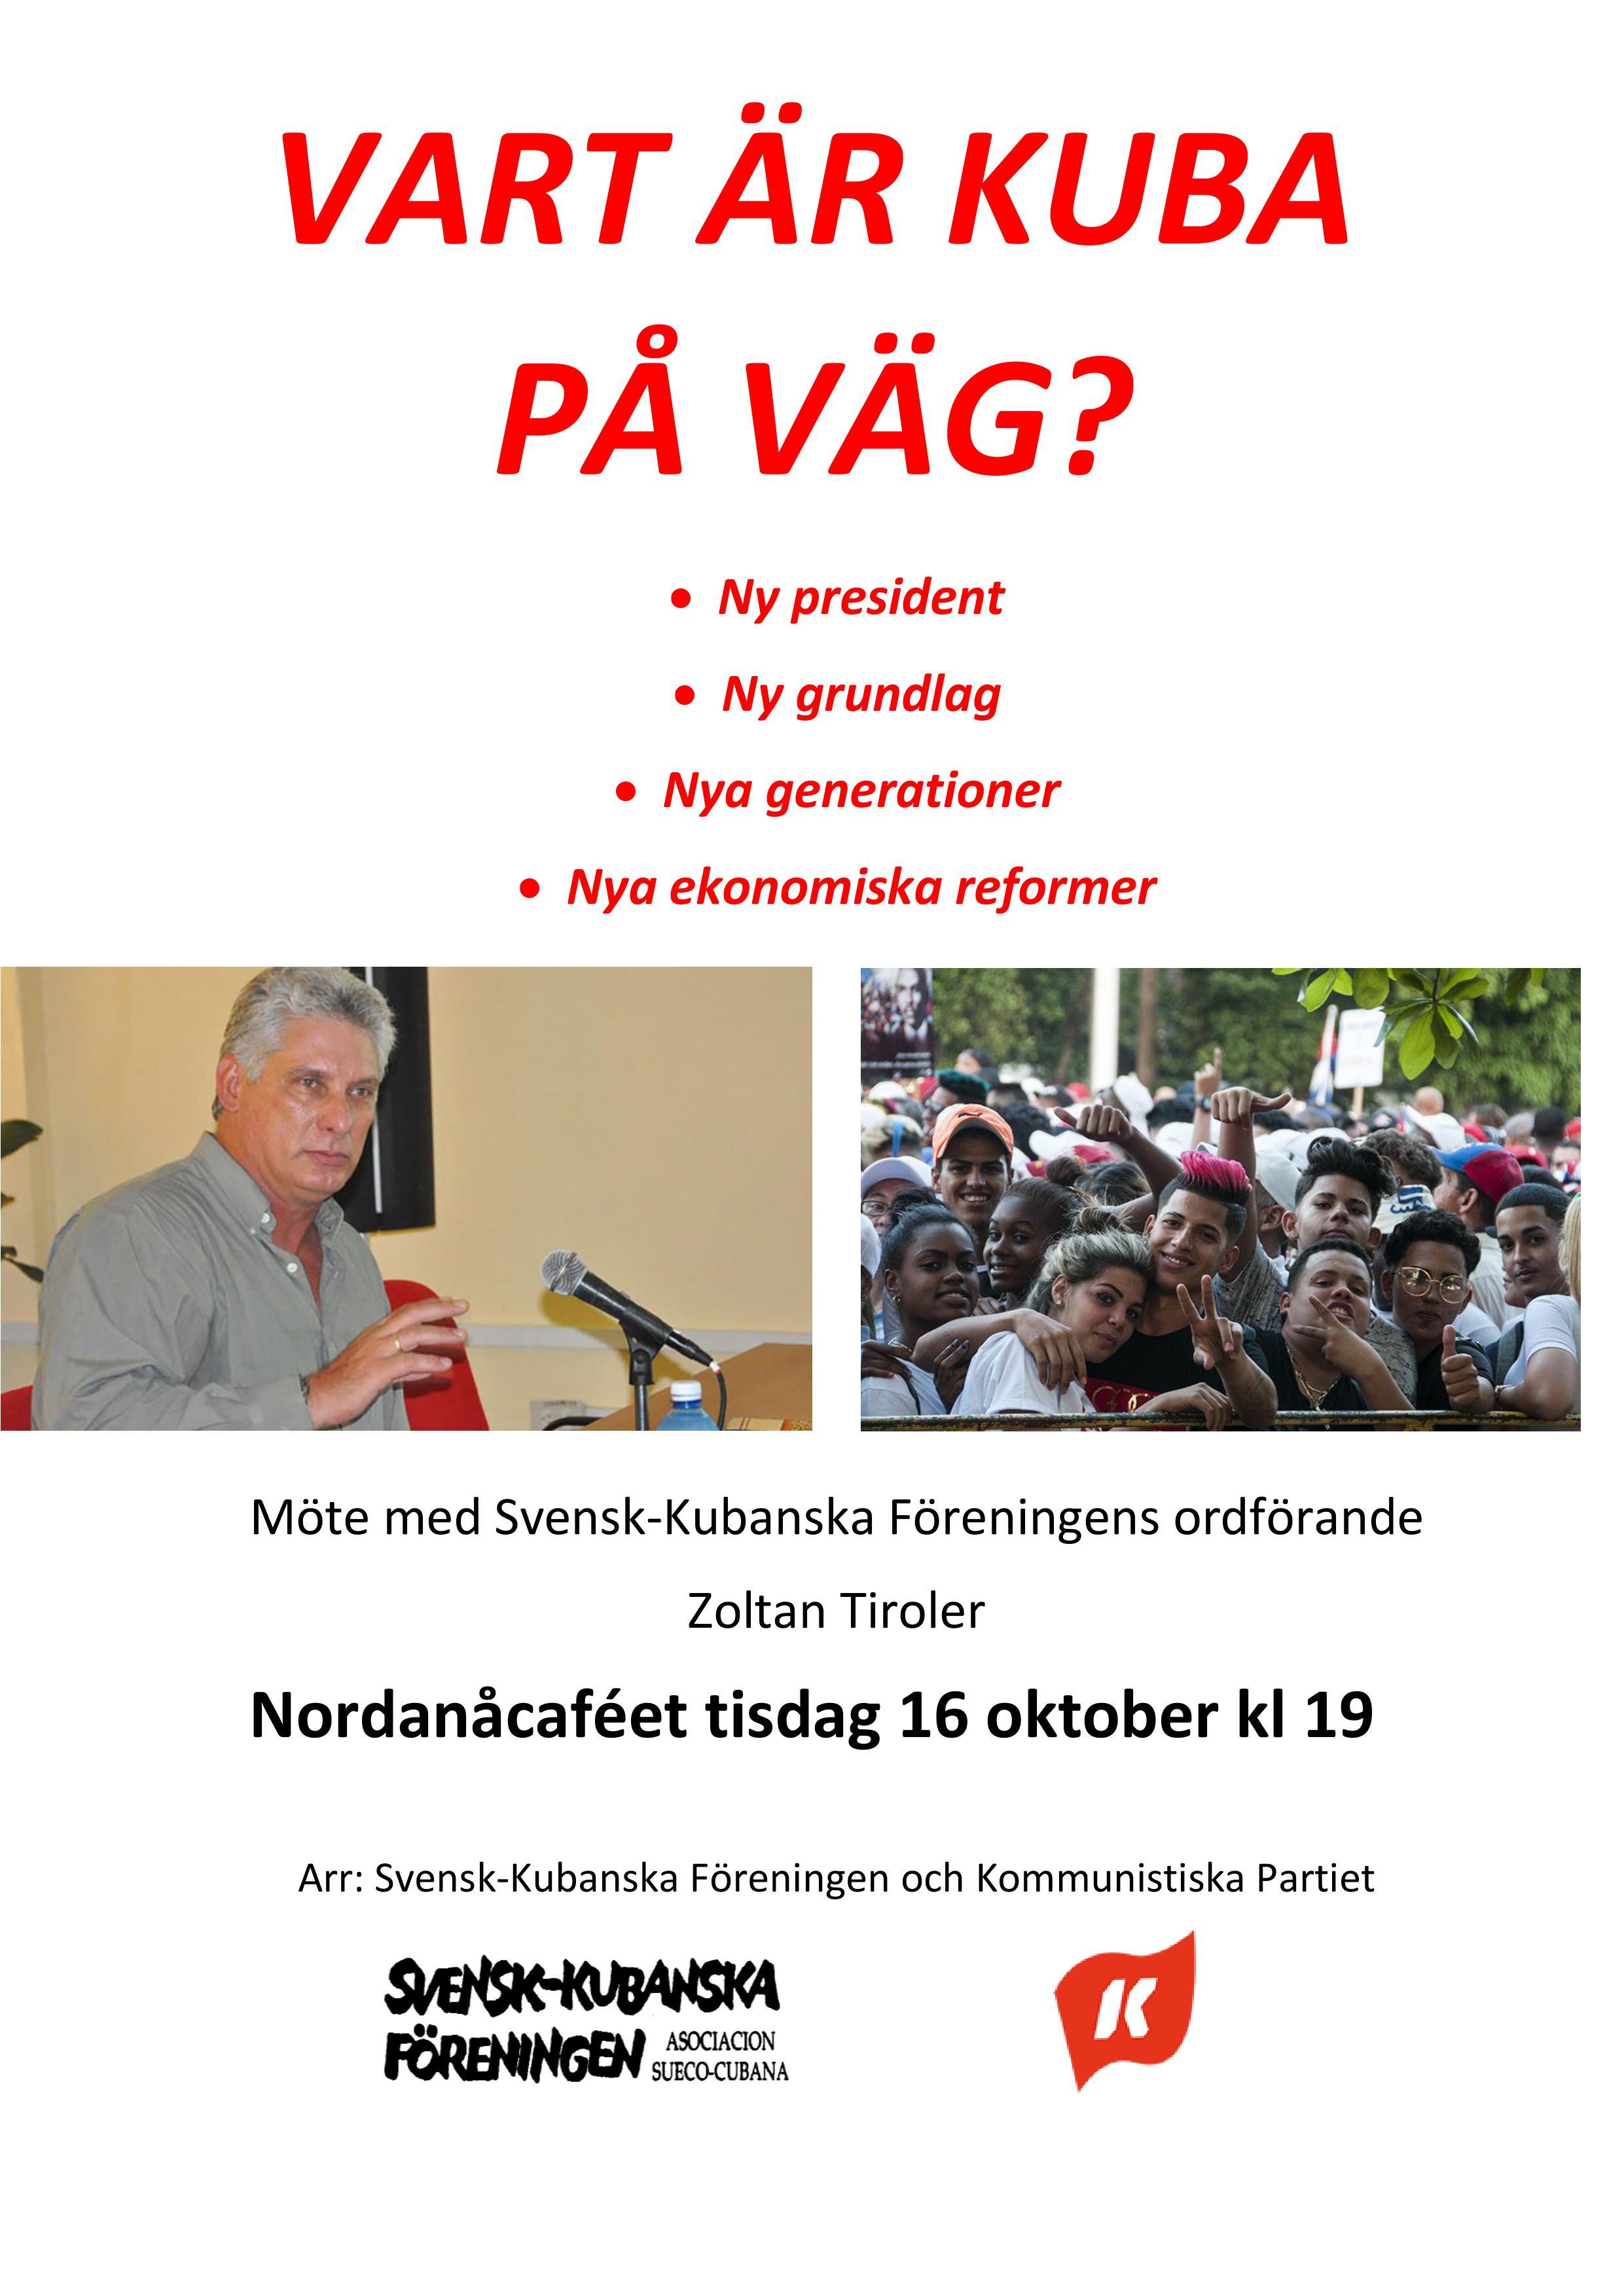 Skellefteå_VartGårKuba